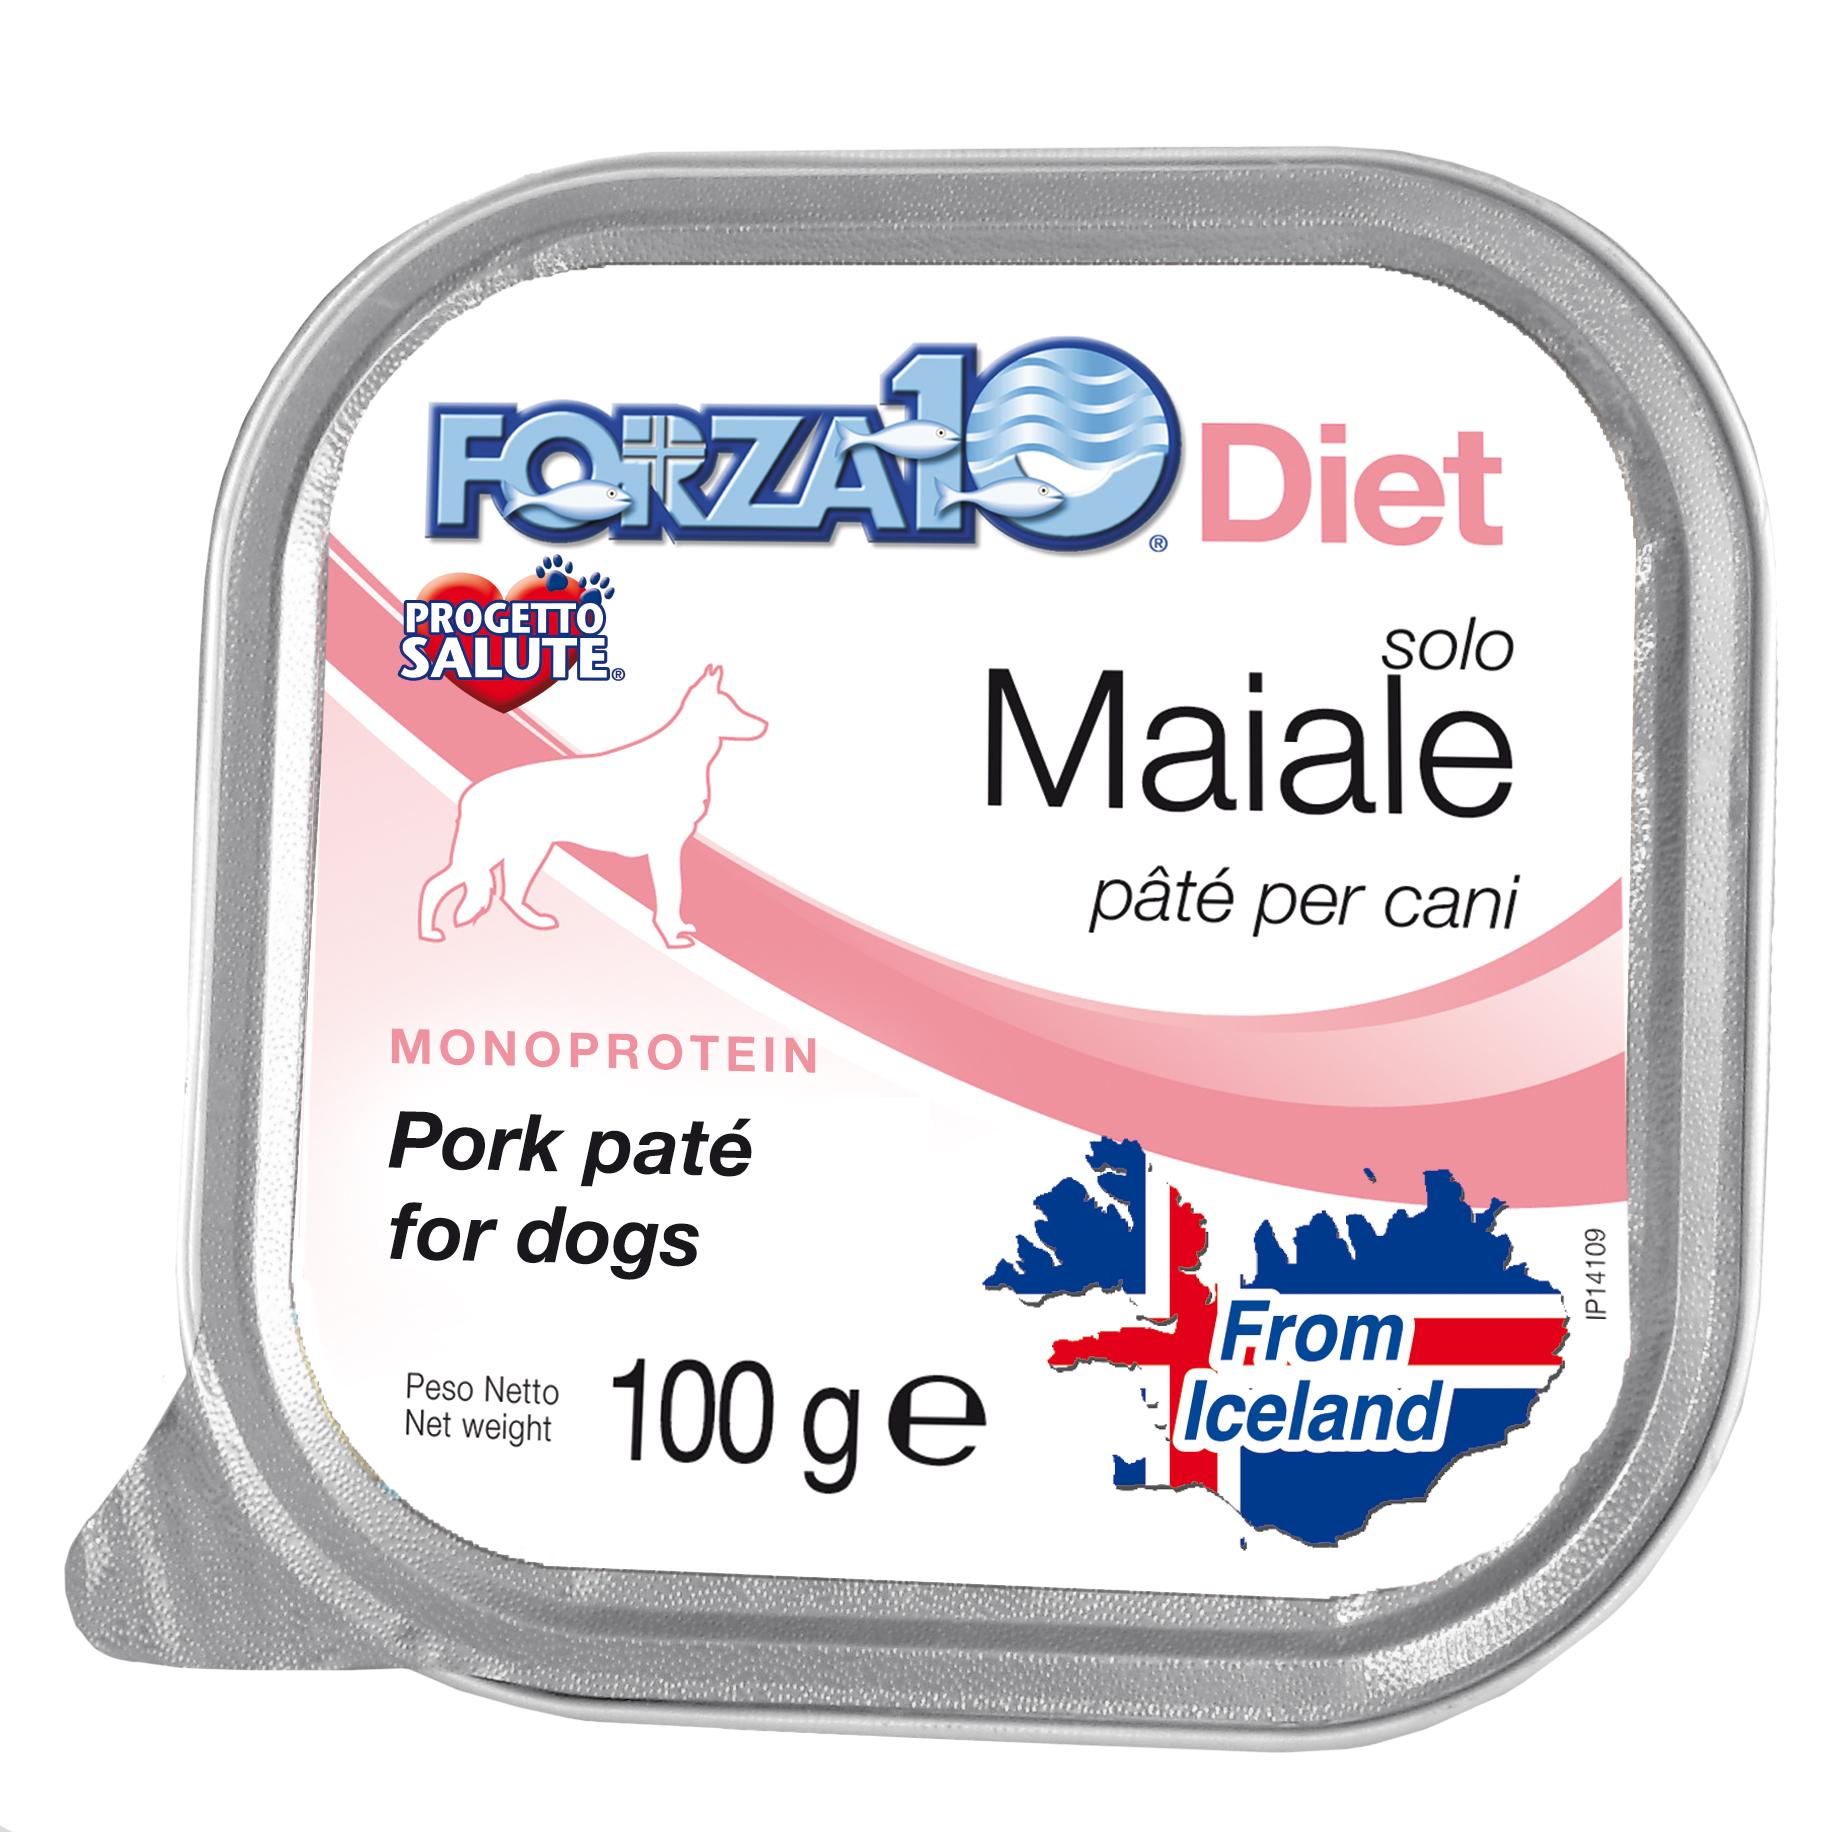 FORZA10 Lata solo DIET Maiale (Cerdo) 100g